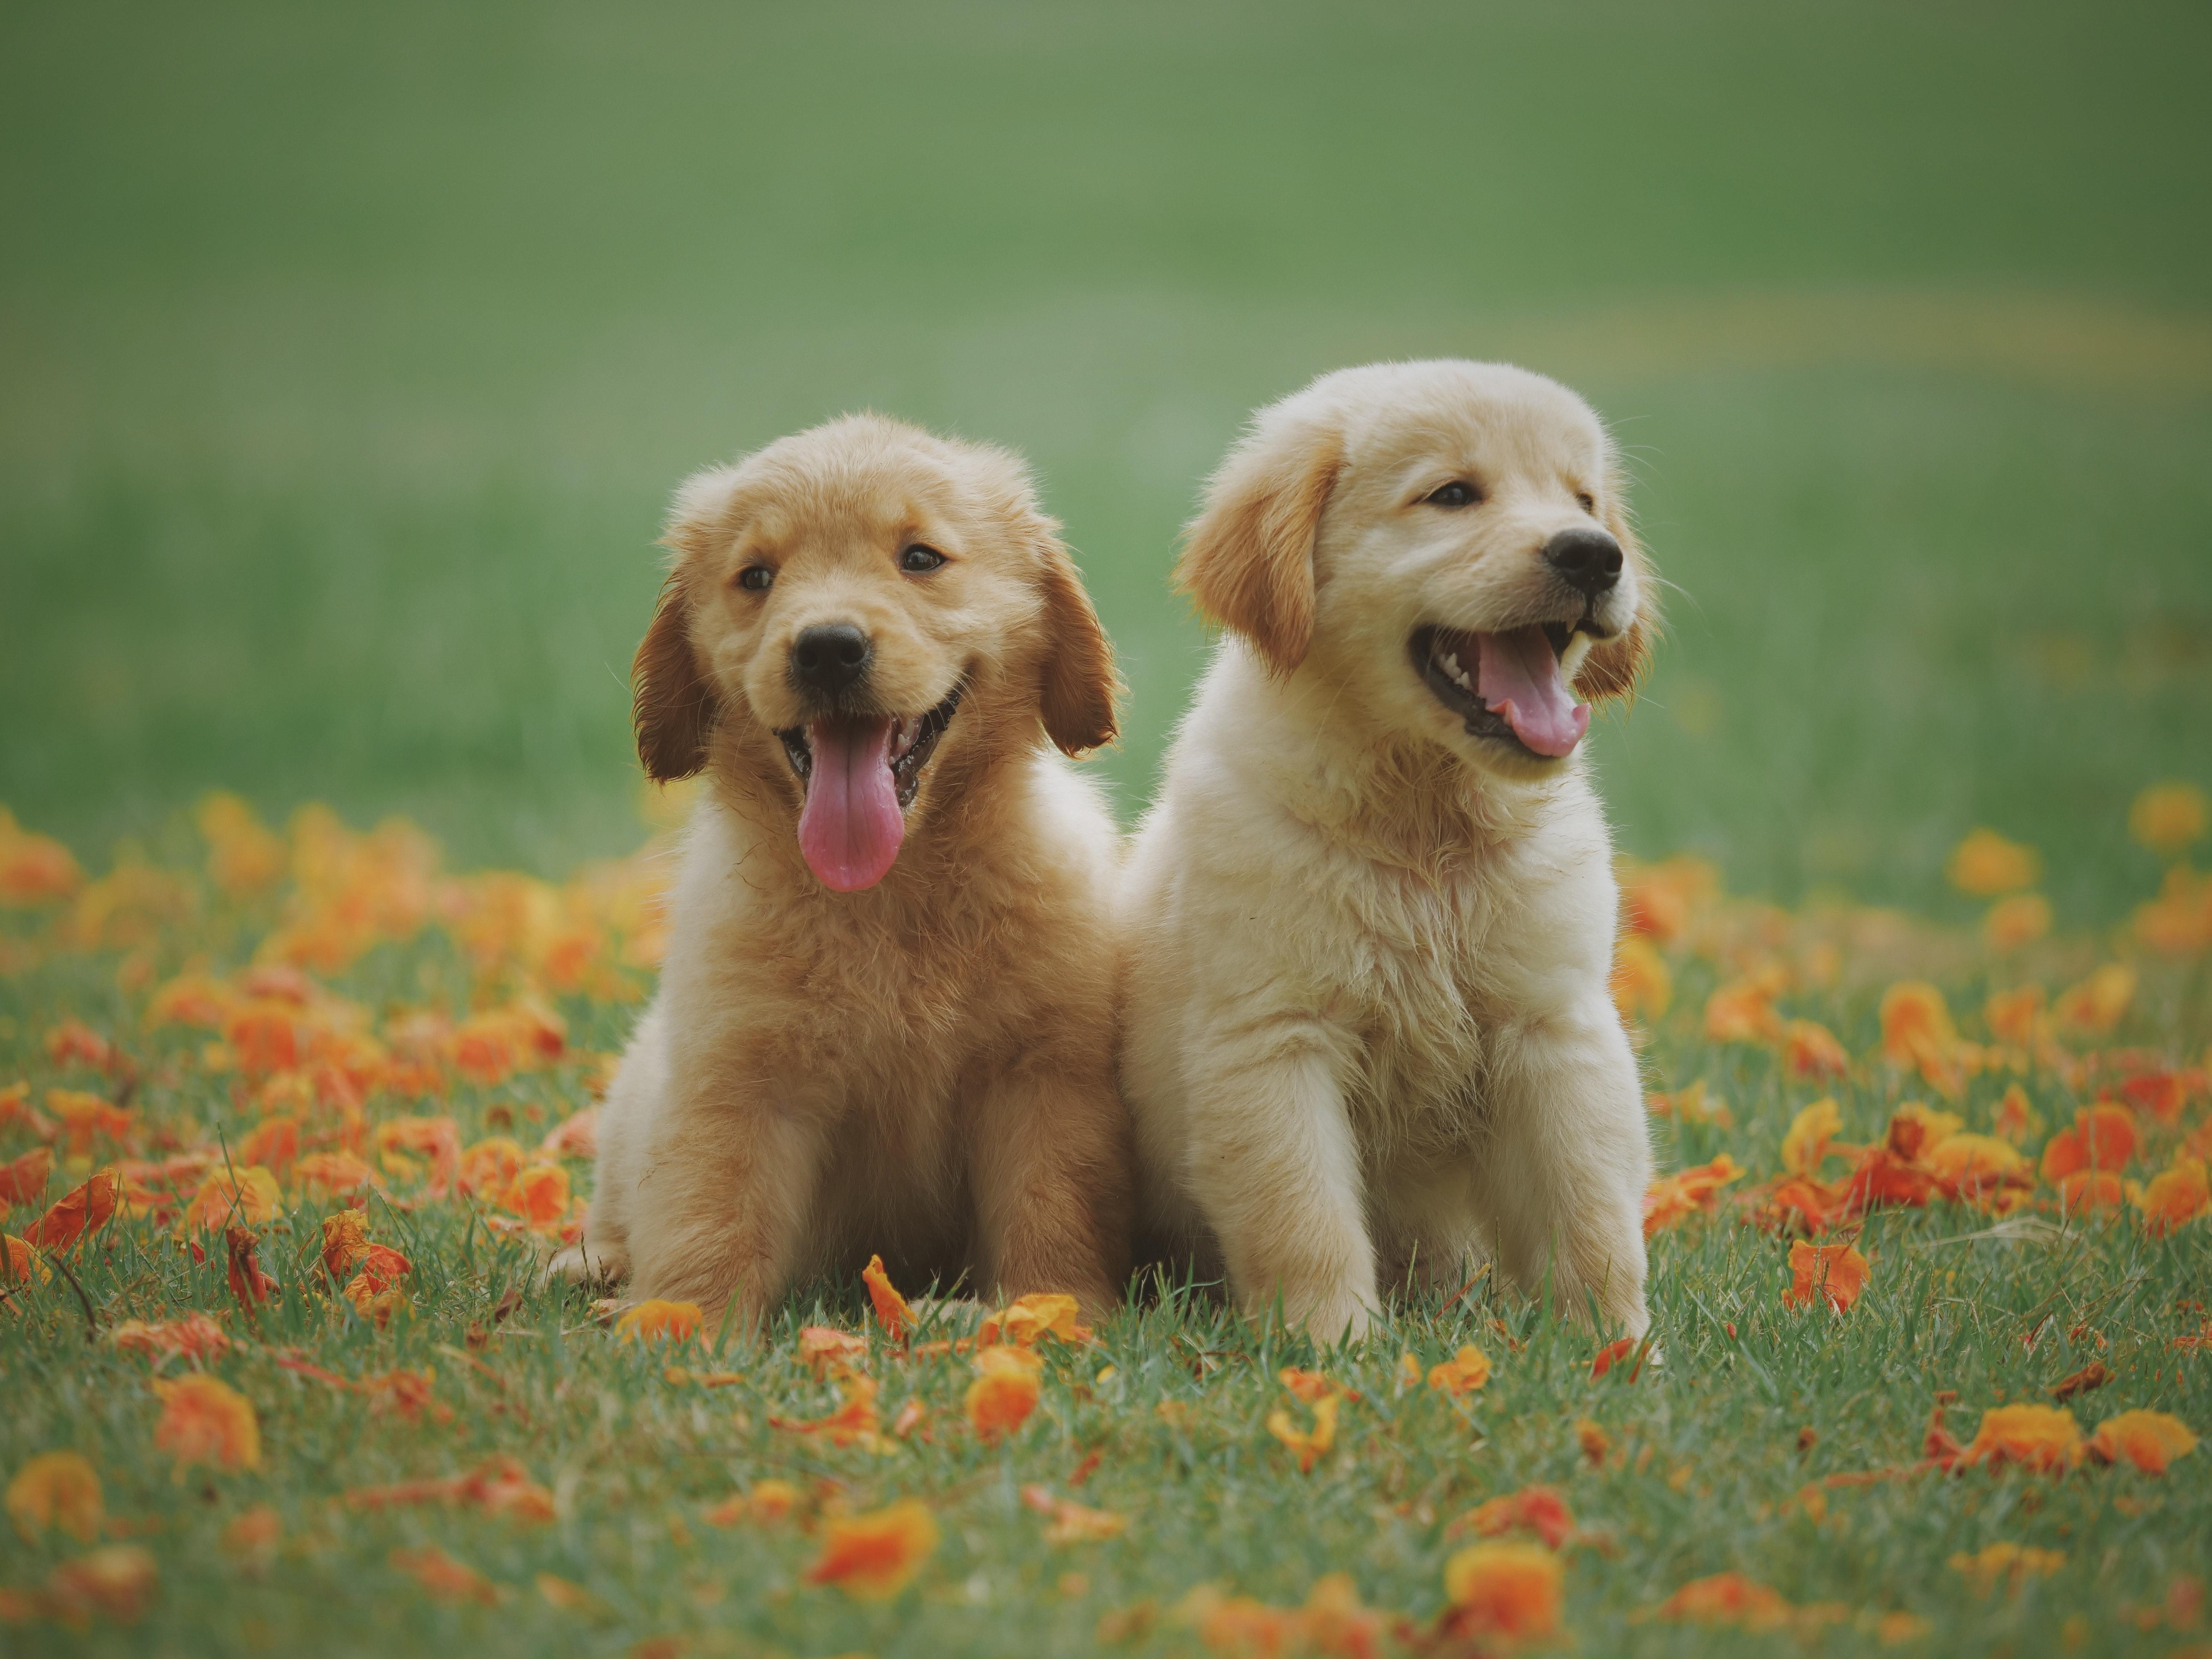 1000+ Great Pet Photos · Pexels · Free Stock Photos 8462bcc0d